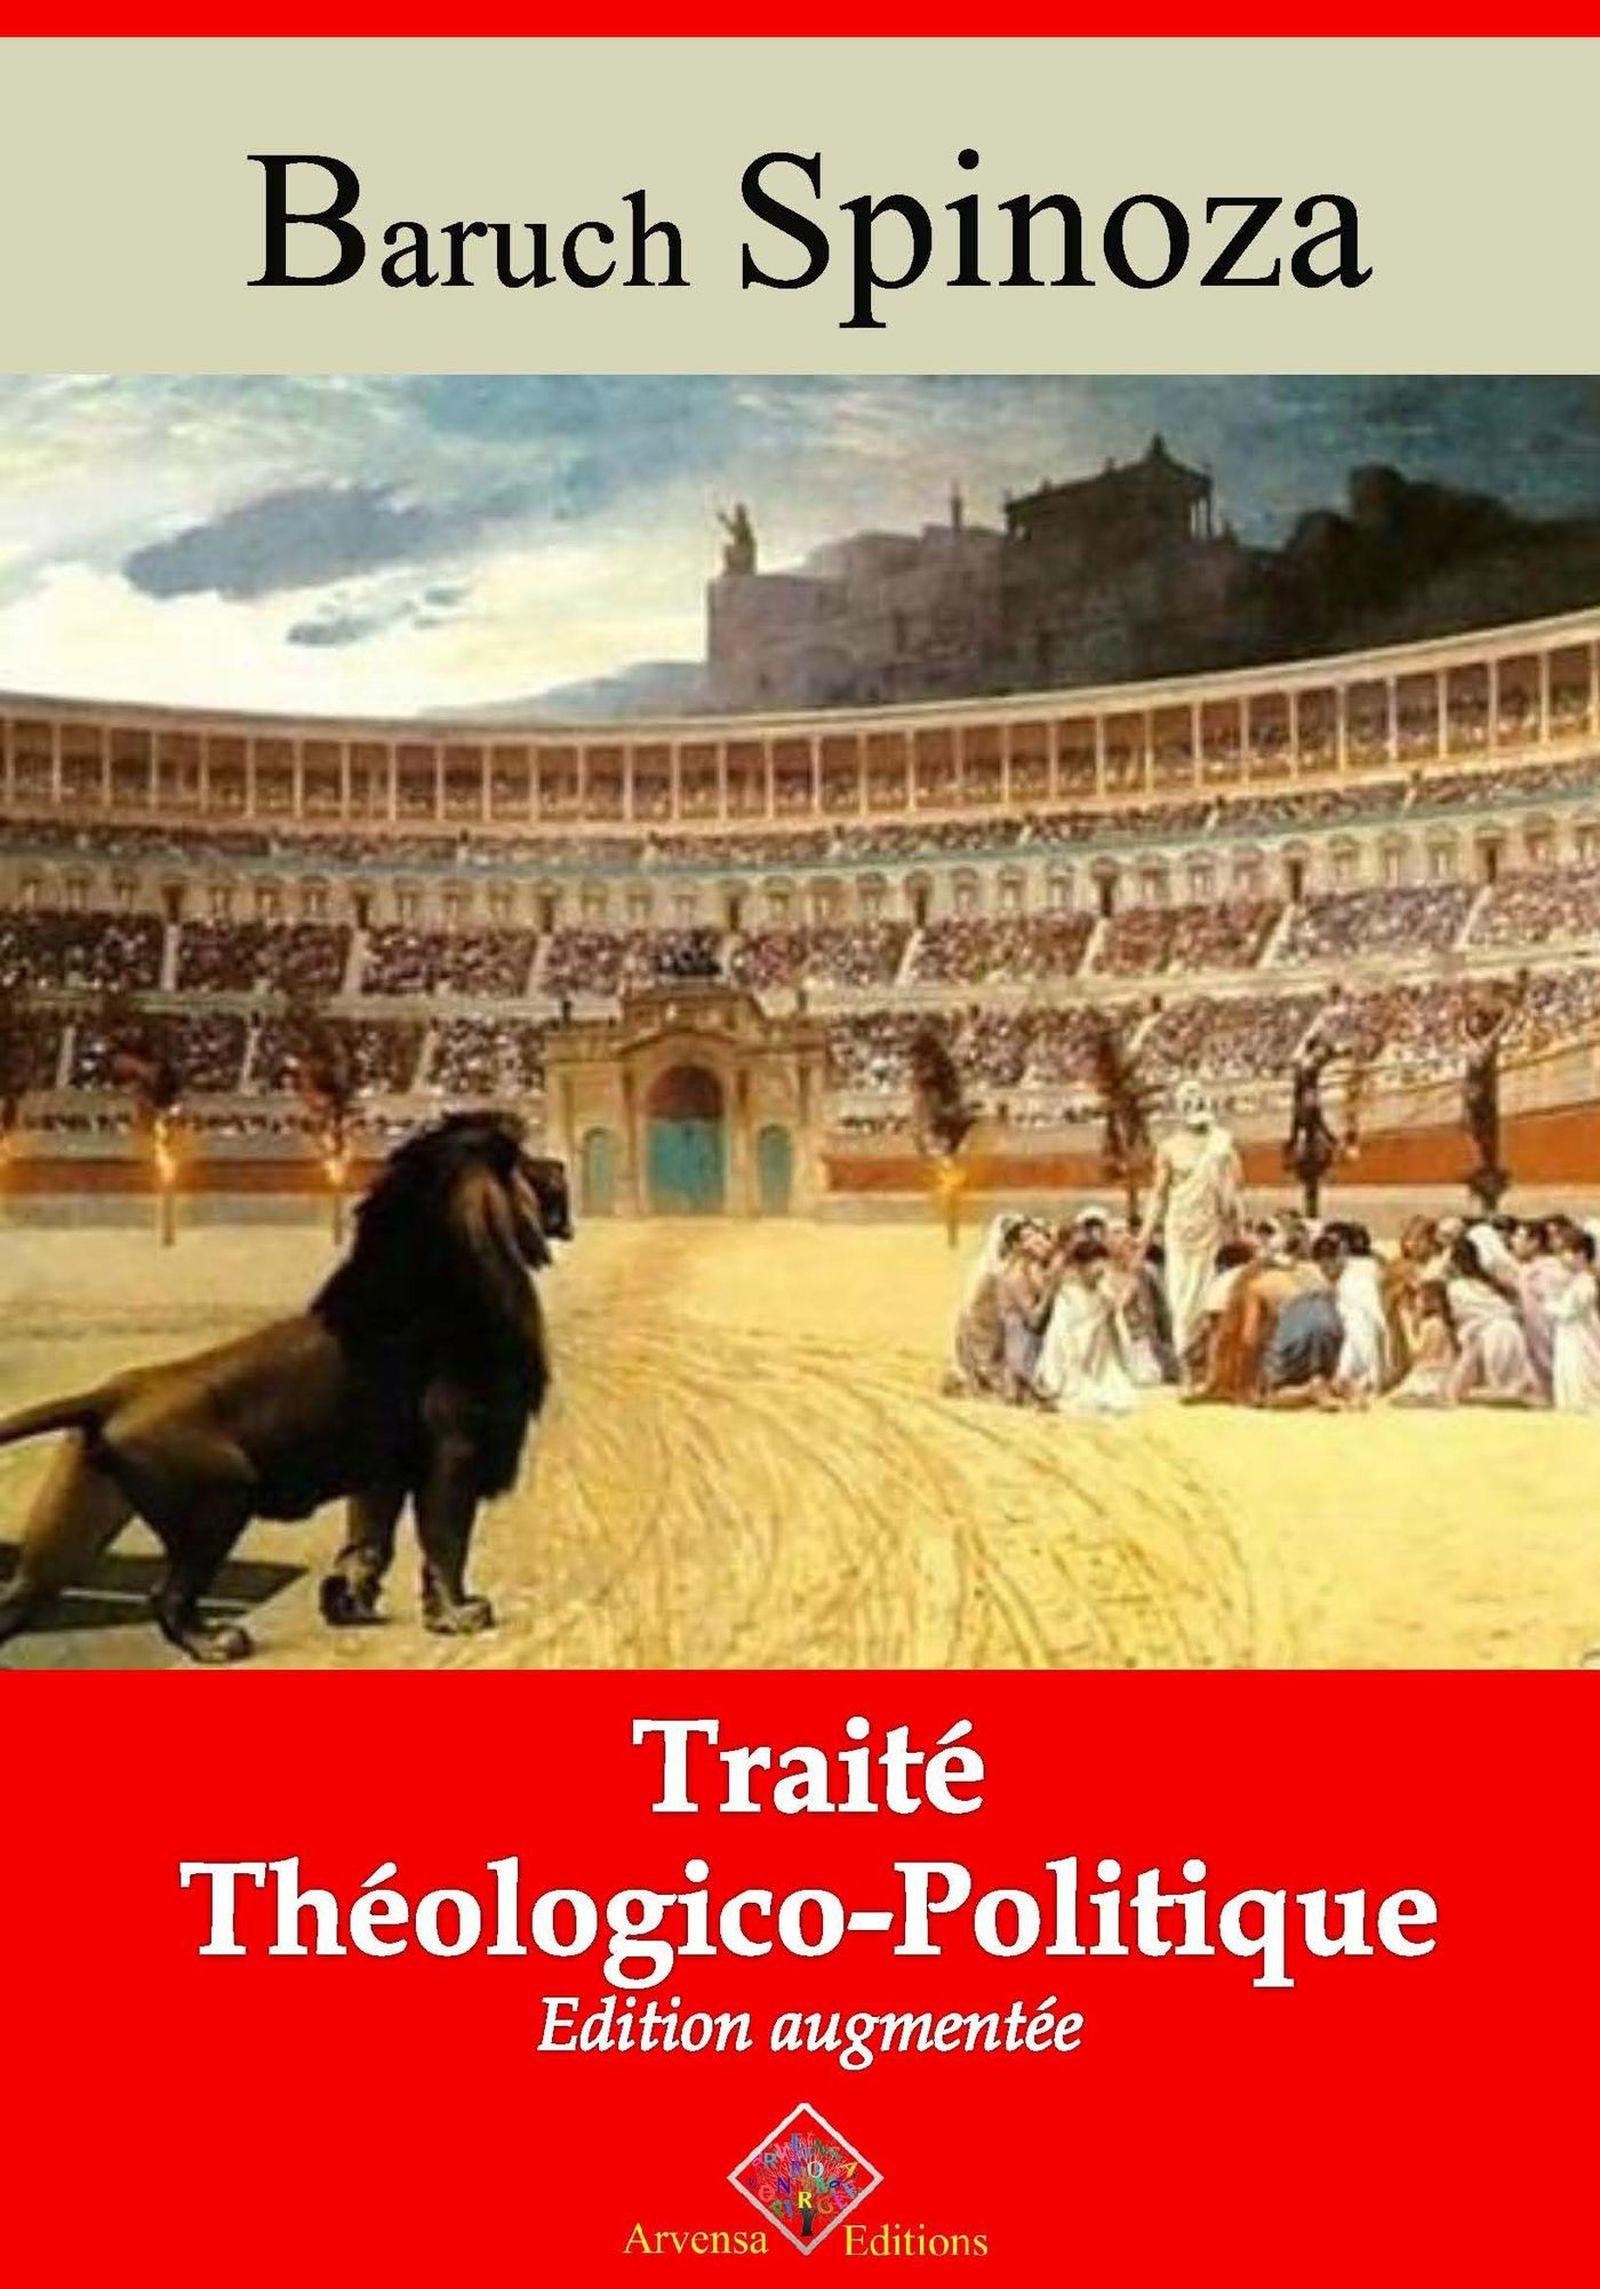 Traité théologico-politique - suivi d'annexes